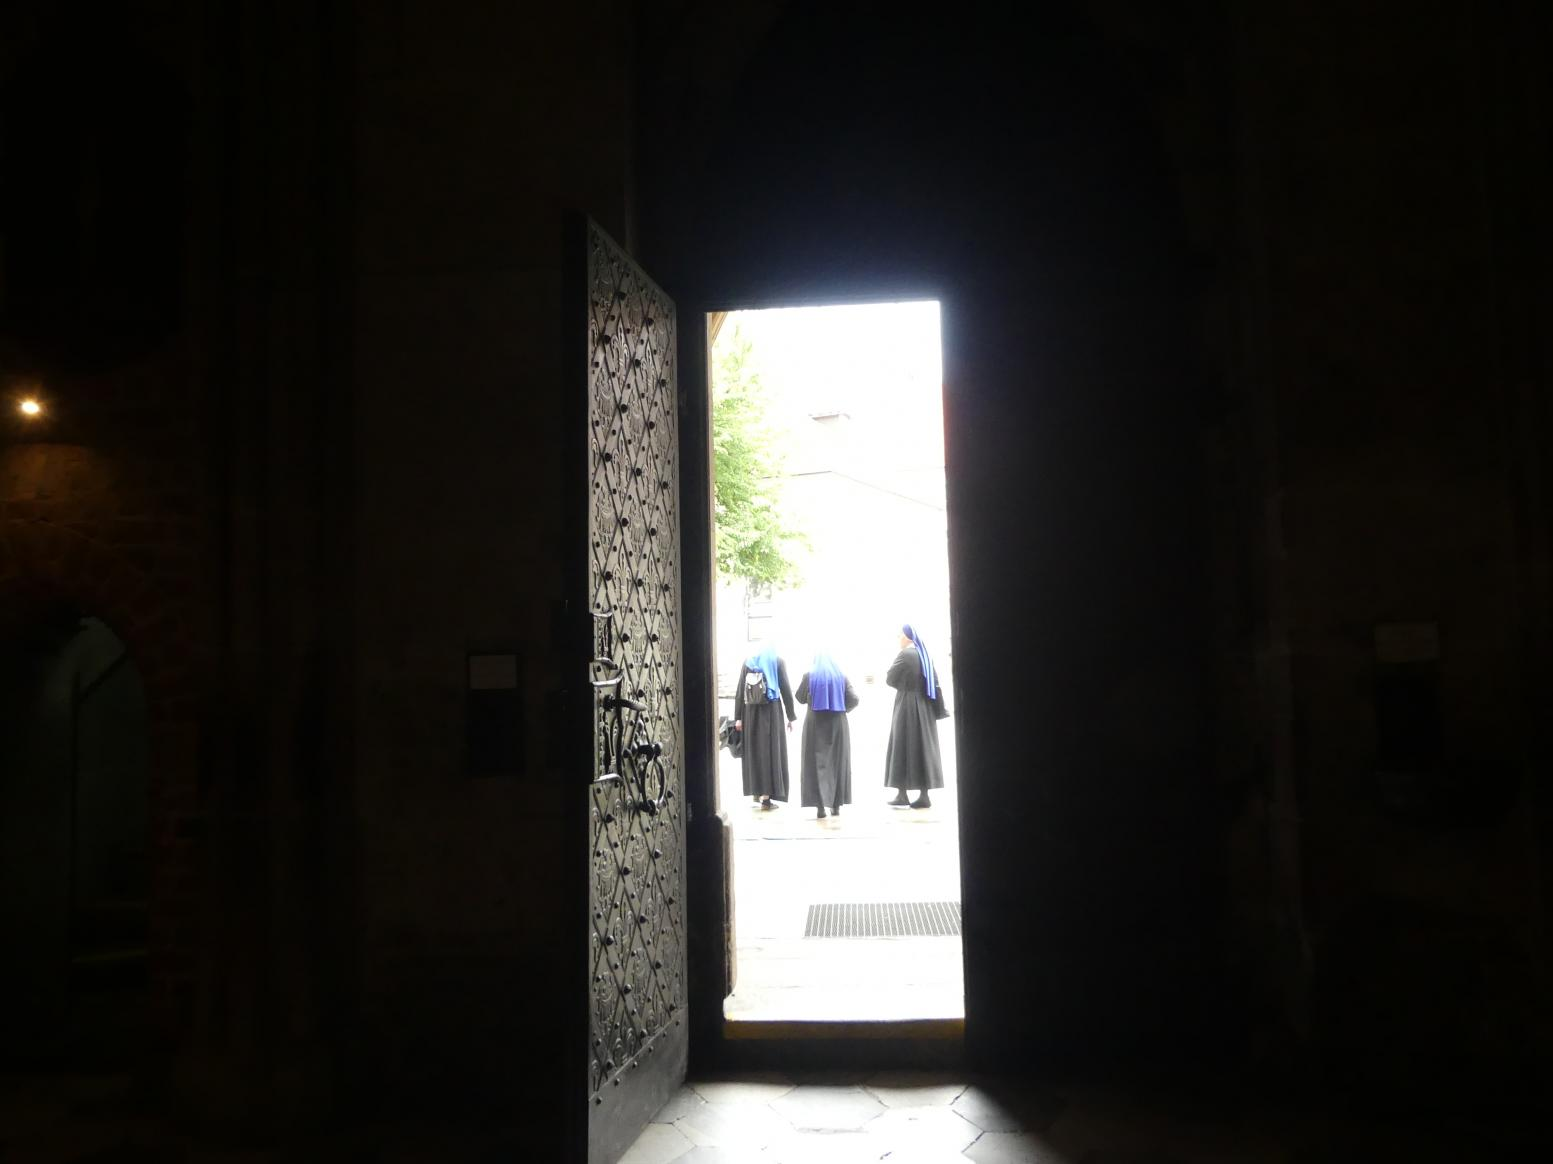 Breslau, Breslauer Dom, Kathedrale St. Johannes der Täufer, Bild 13/14